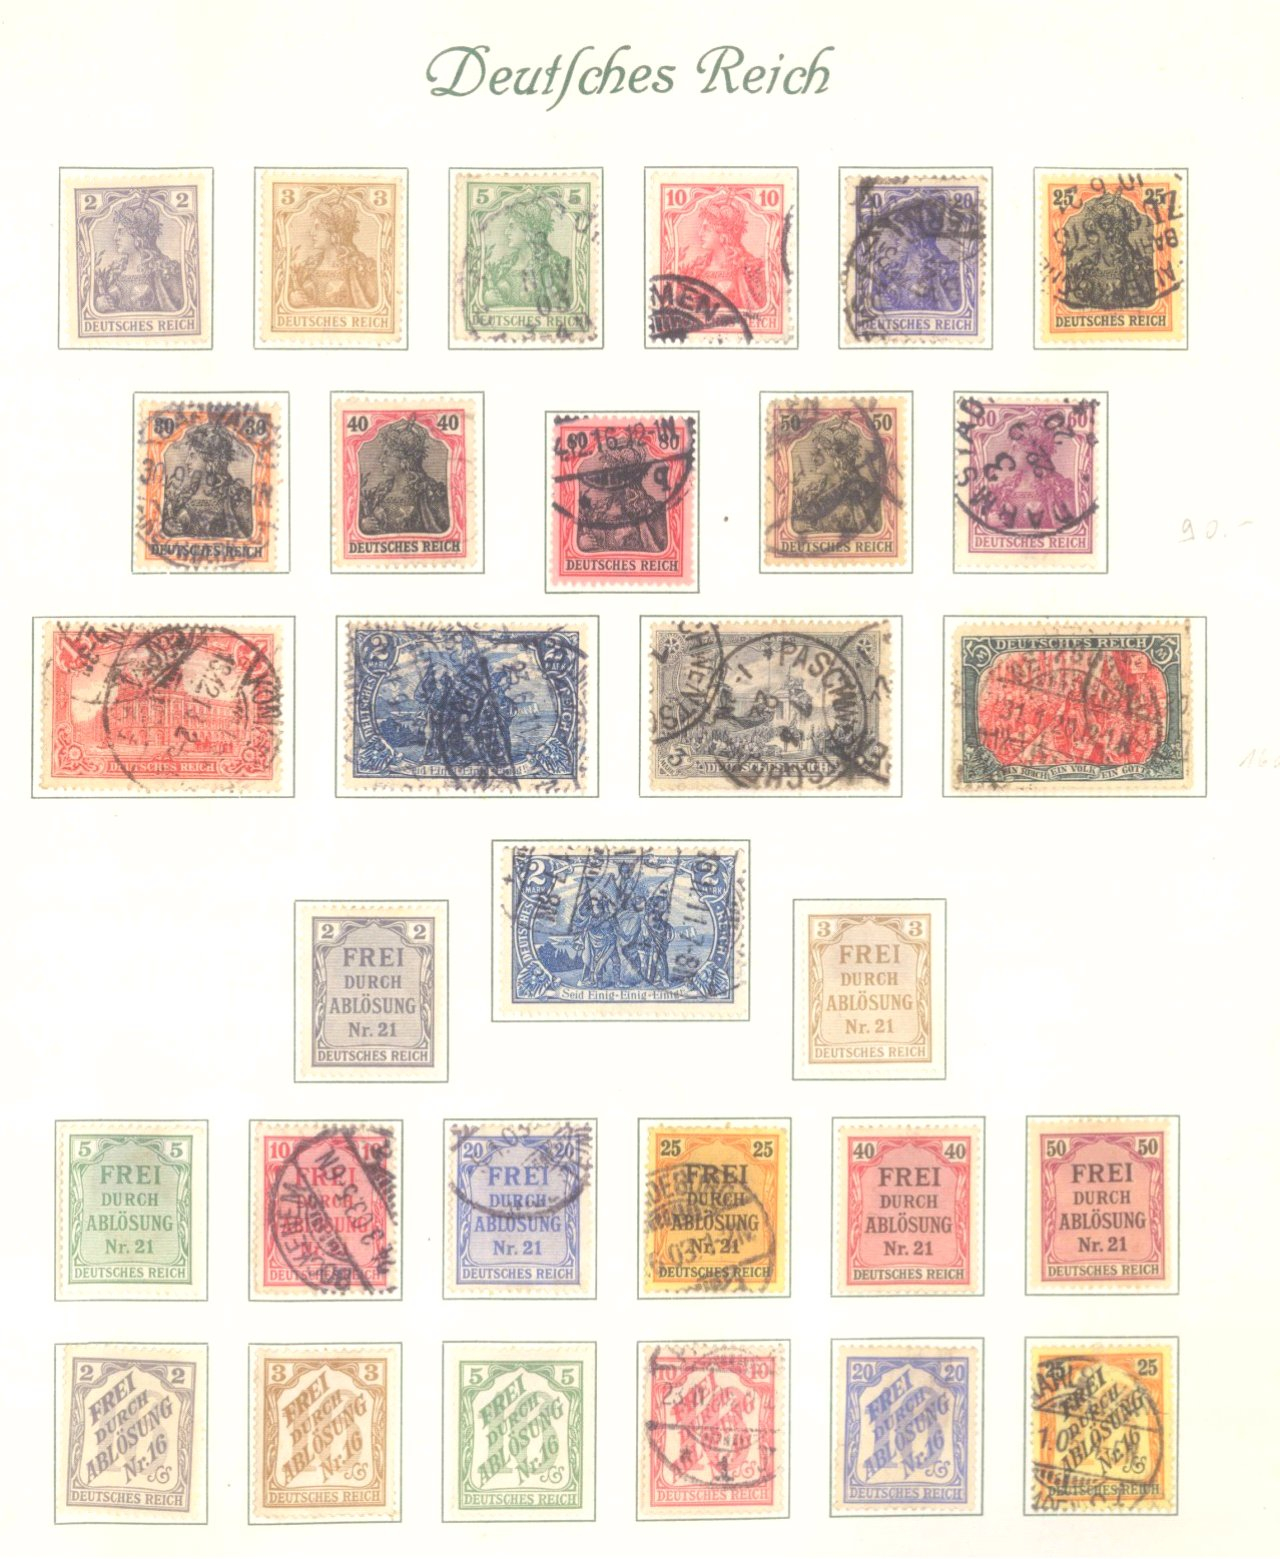 DEUTSCHES REICH – KAISERREICH 1872-1915, 24! Brustschilde!-3